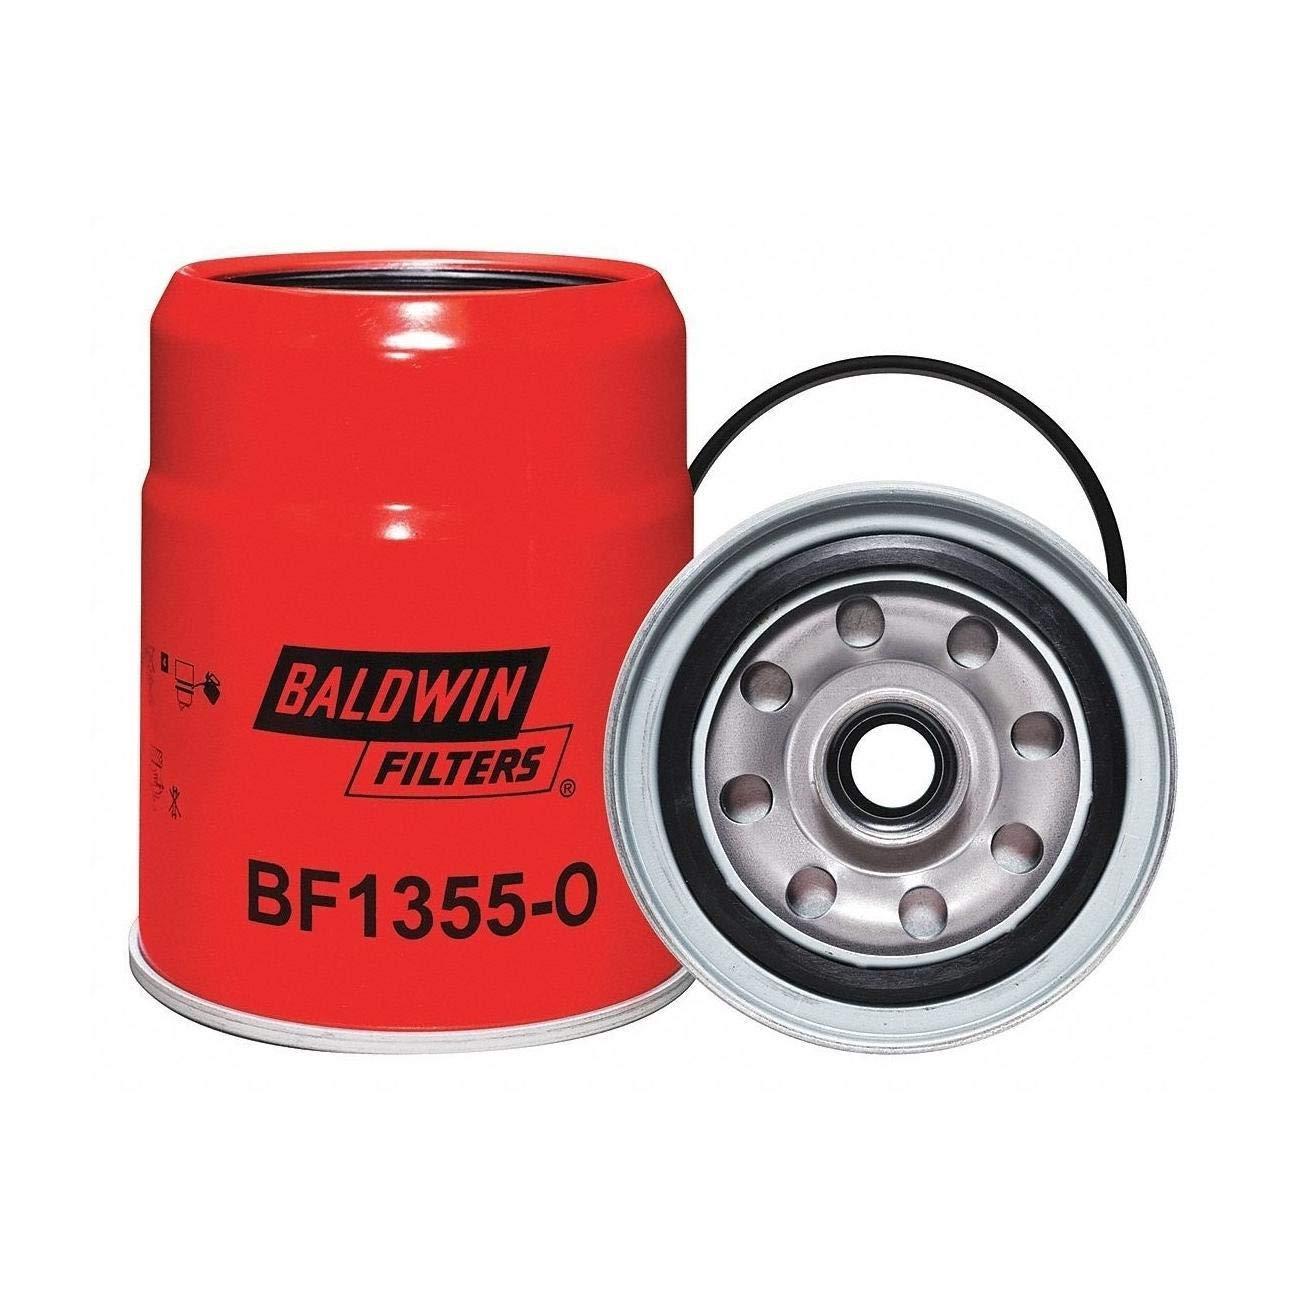 Baldwin BF1355-O Heavy Duty Fuel/Water Separator (6-5/16x4-7/8 In)